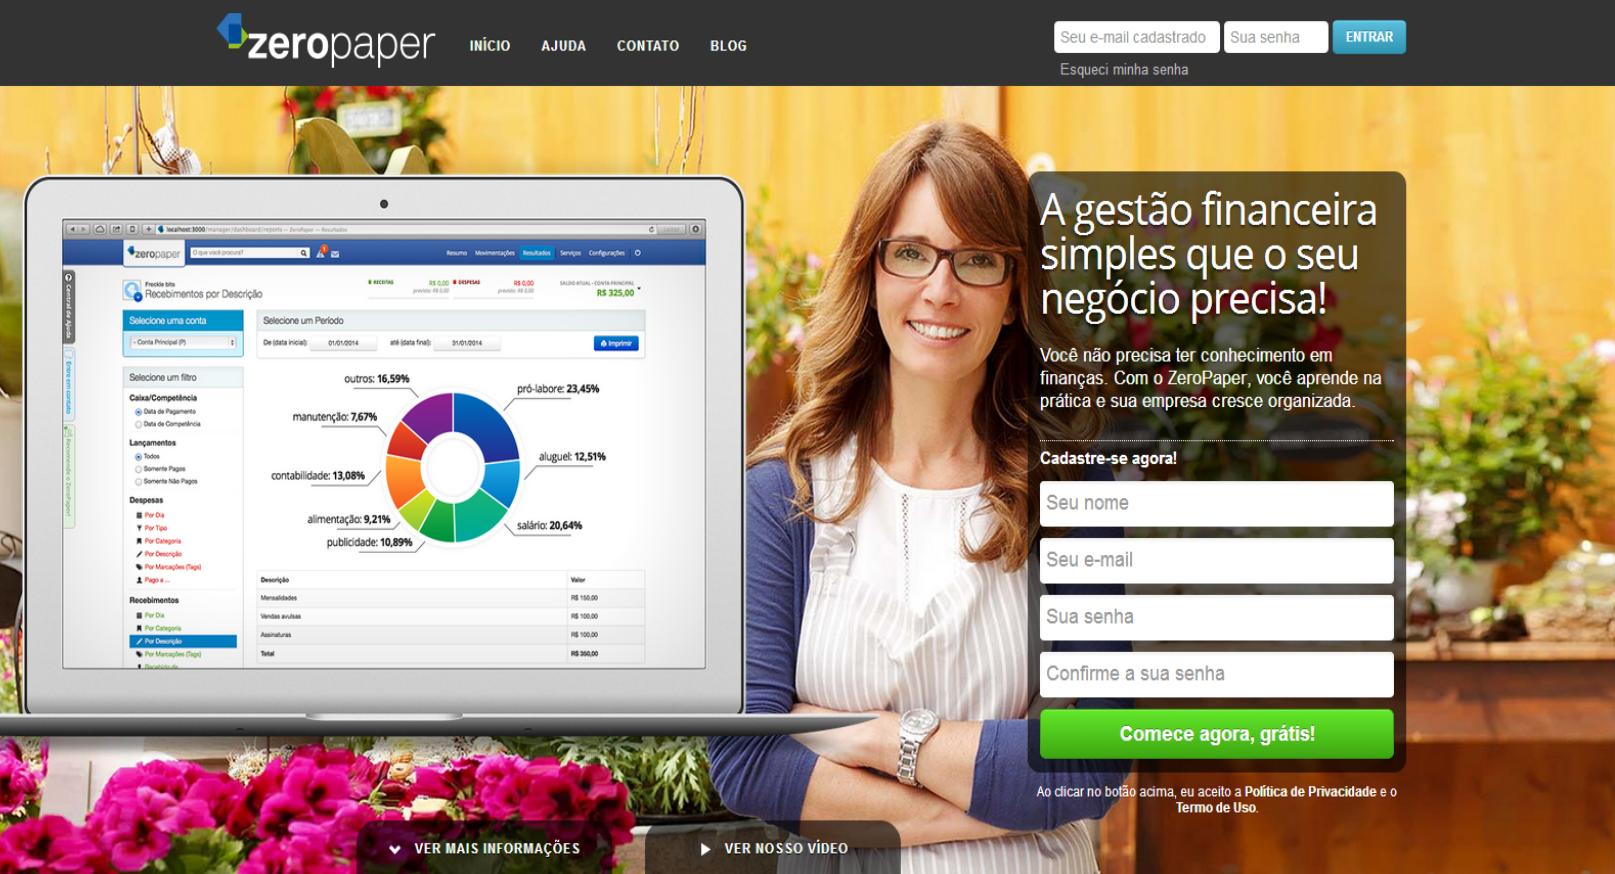 ZeroPaper promete controle financeiro simples ao seu negócio.